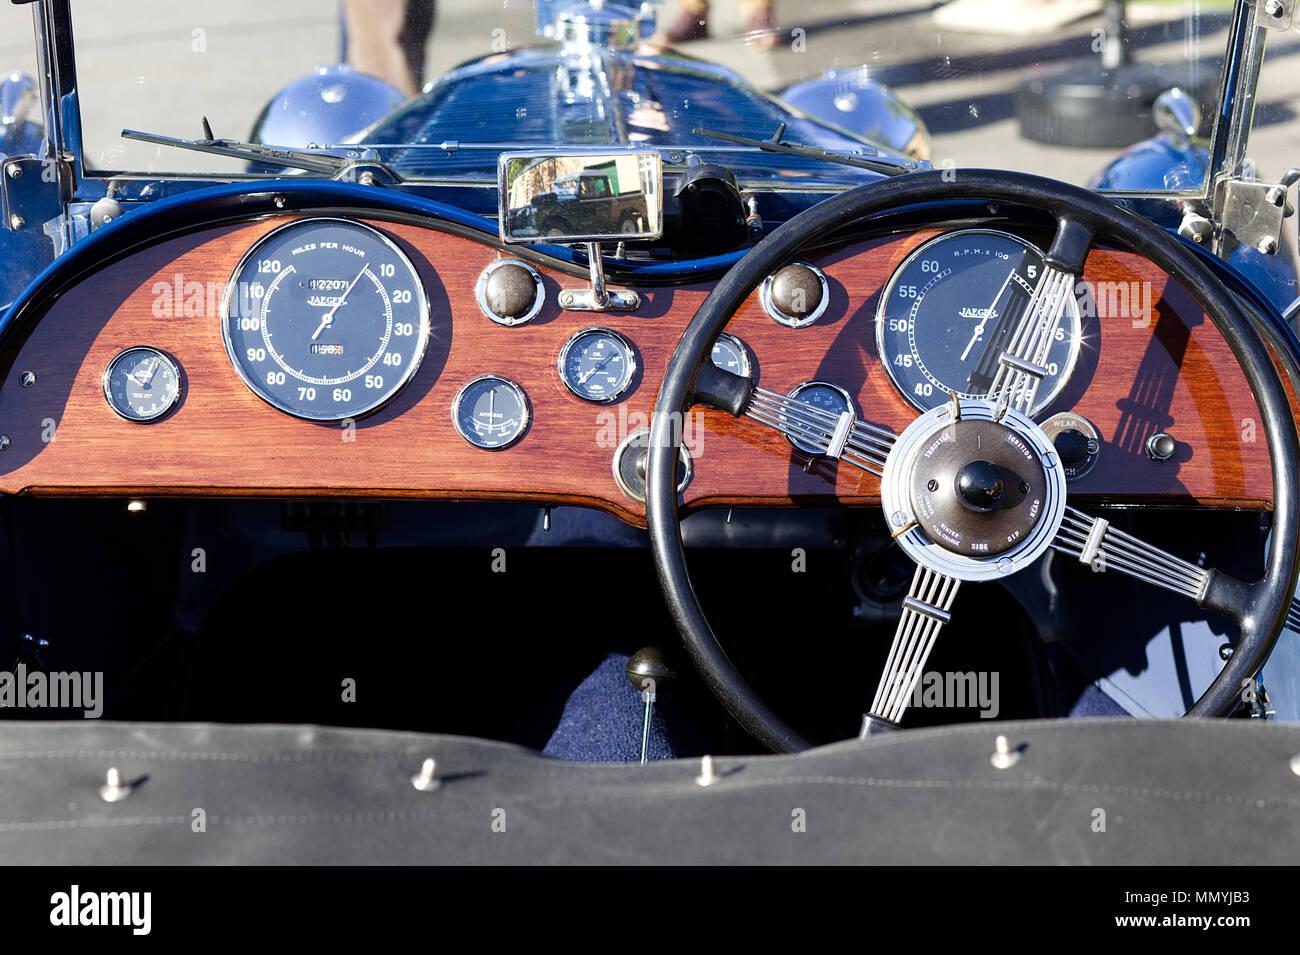 Wooden Dashboard On A Vintage British Car Imgenes De Stock Panel Madera En Un Coche Poca Britnica Imagen